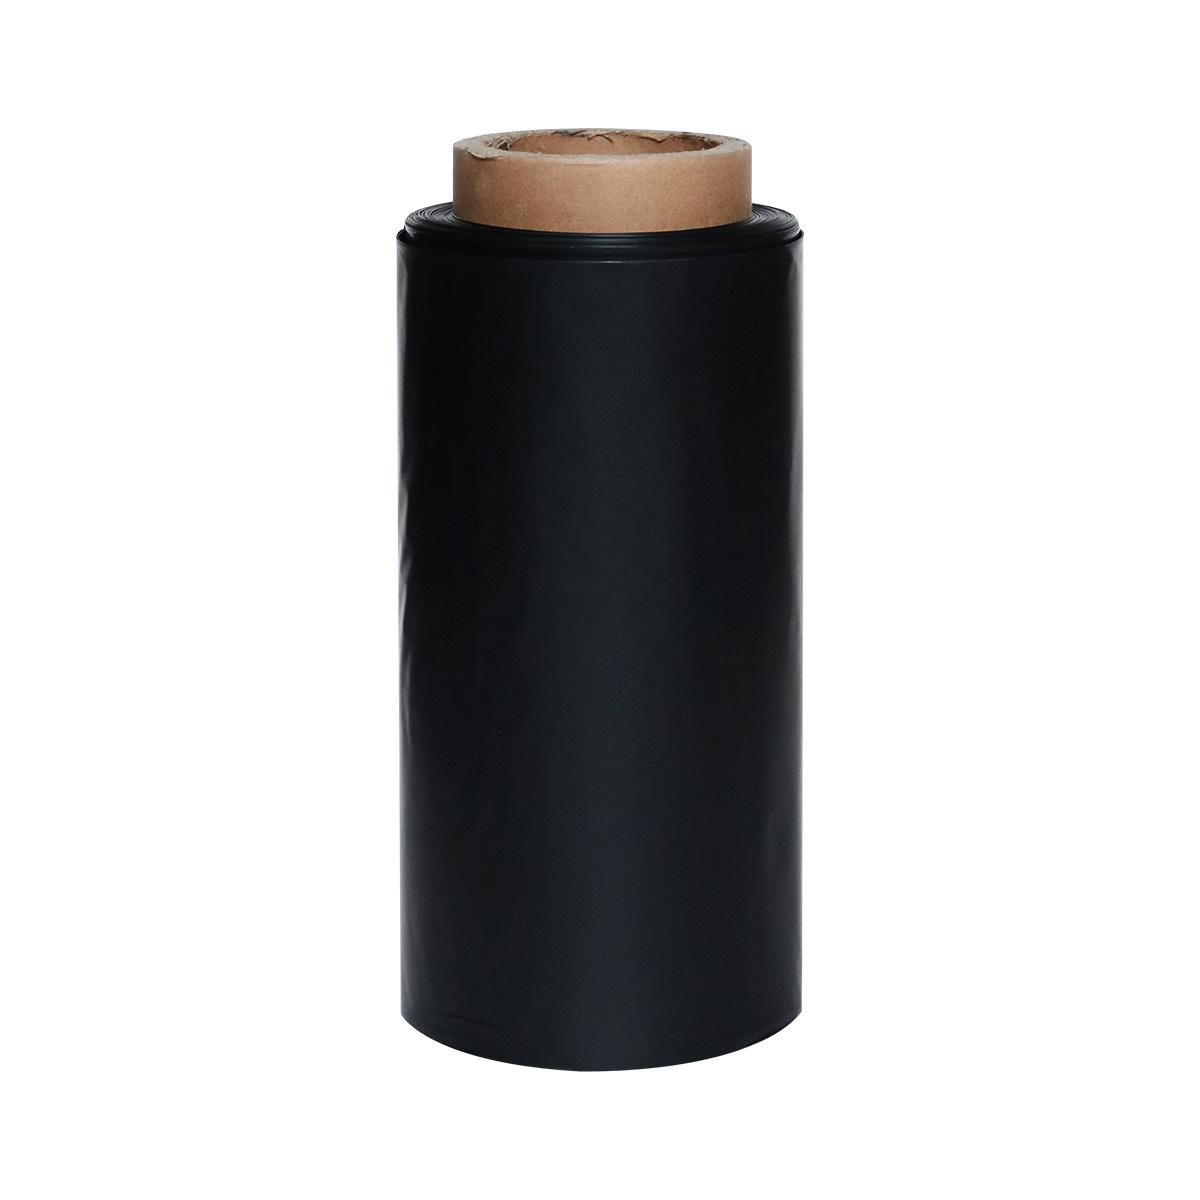 深圳厂家直销优质黑色导电膜袋